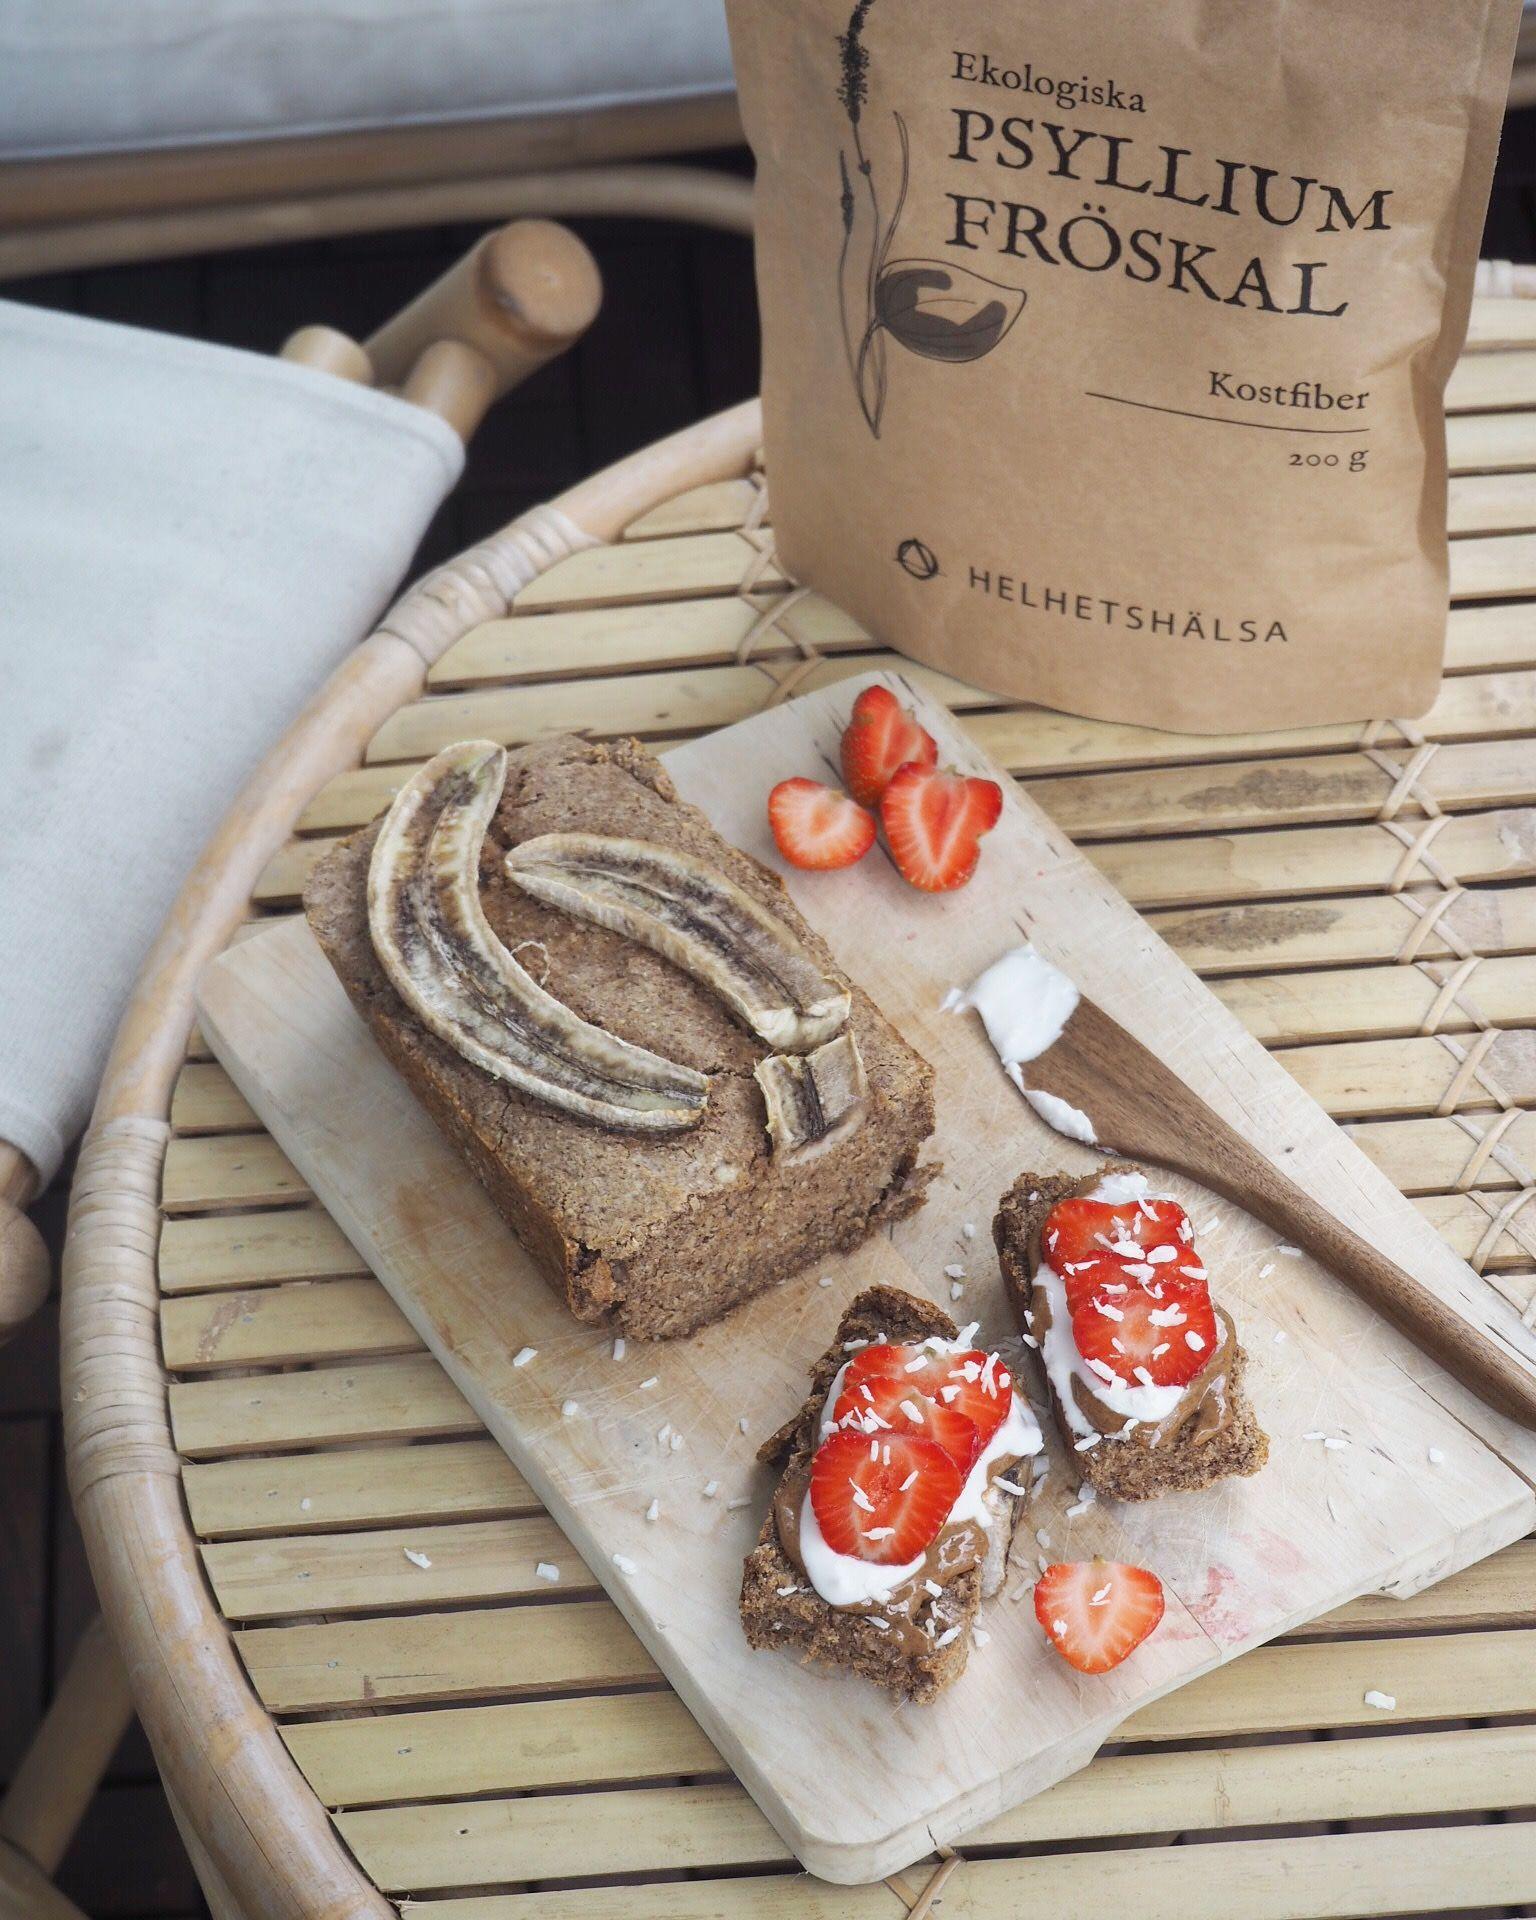 Bananbröd, Glutenfritt bananbröd som passar till både frukost och mellanmål.